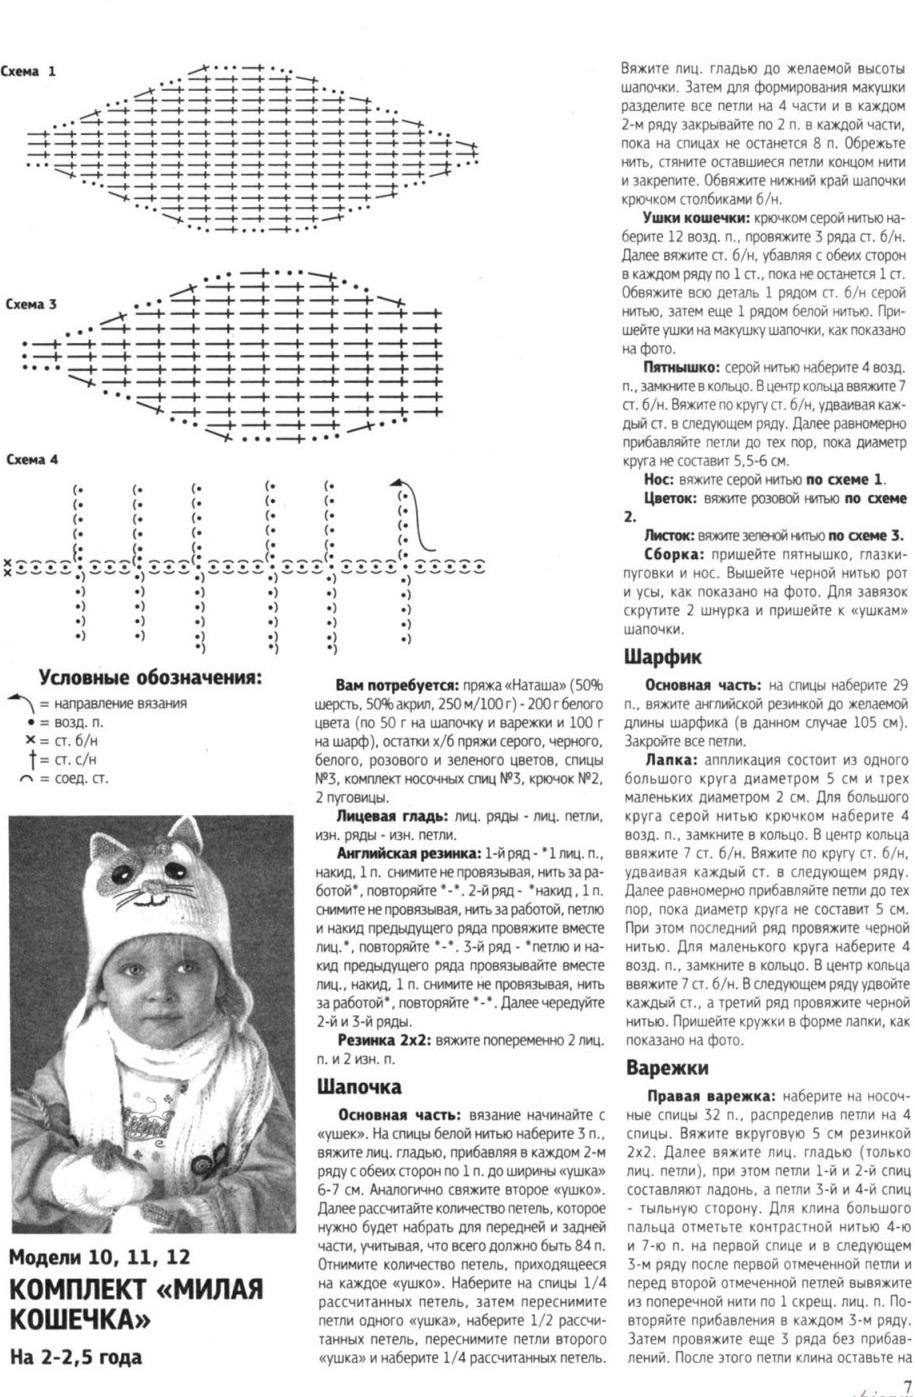 Чепчик для новорожденного спицами - рекомендации, описания технологии для начинающих, фото примеры и схемы